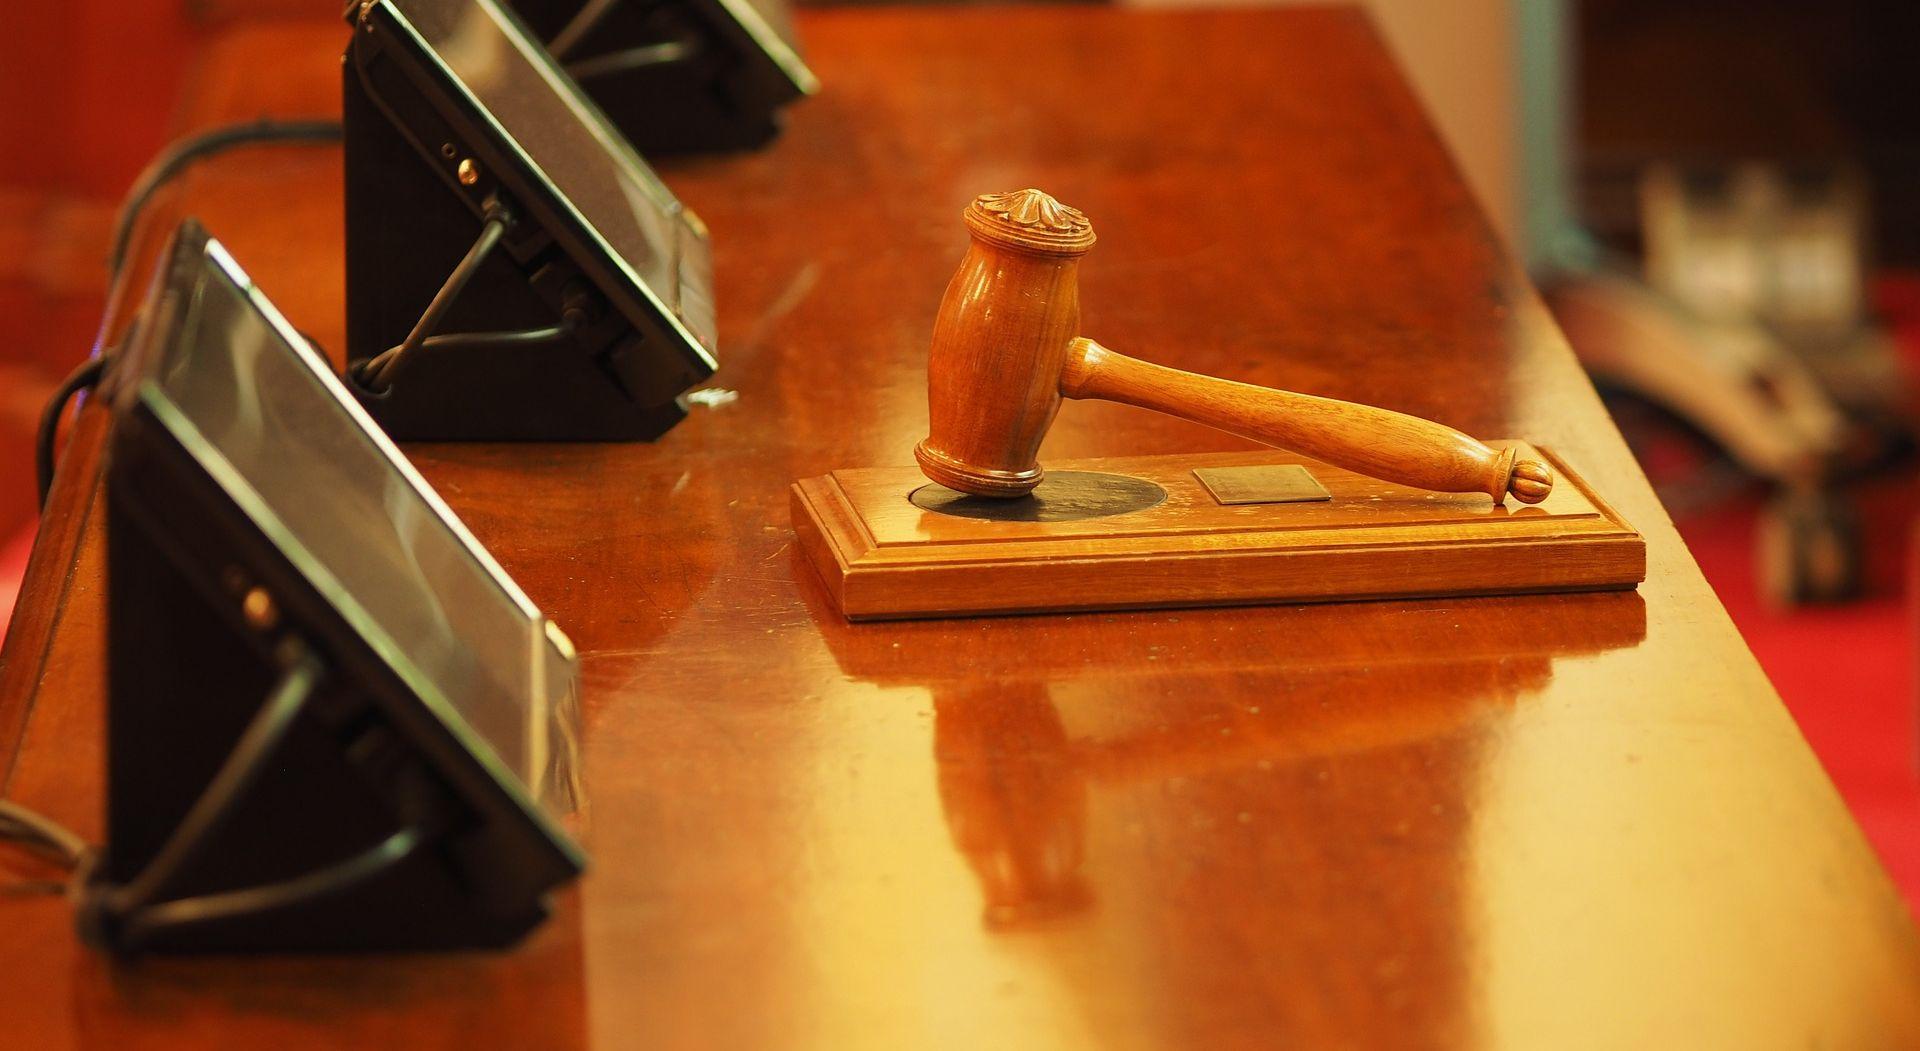 PRIJETIO LIJEČNICIMA Potvrđena optužnica protiv Dragana Dolenca